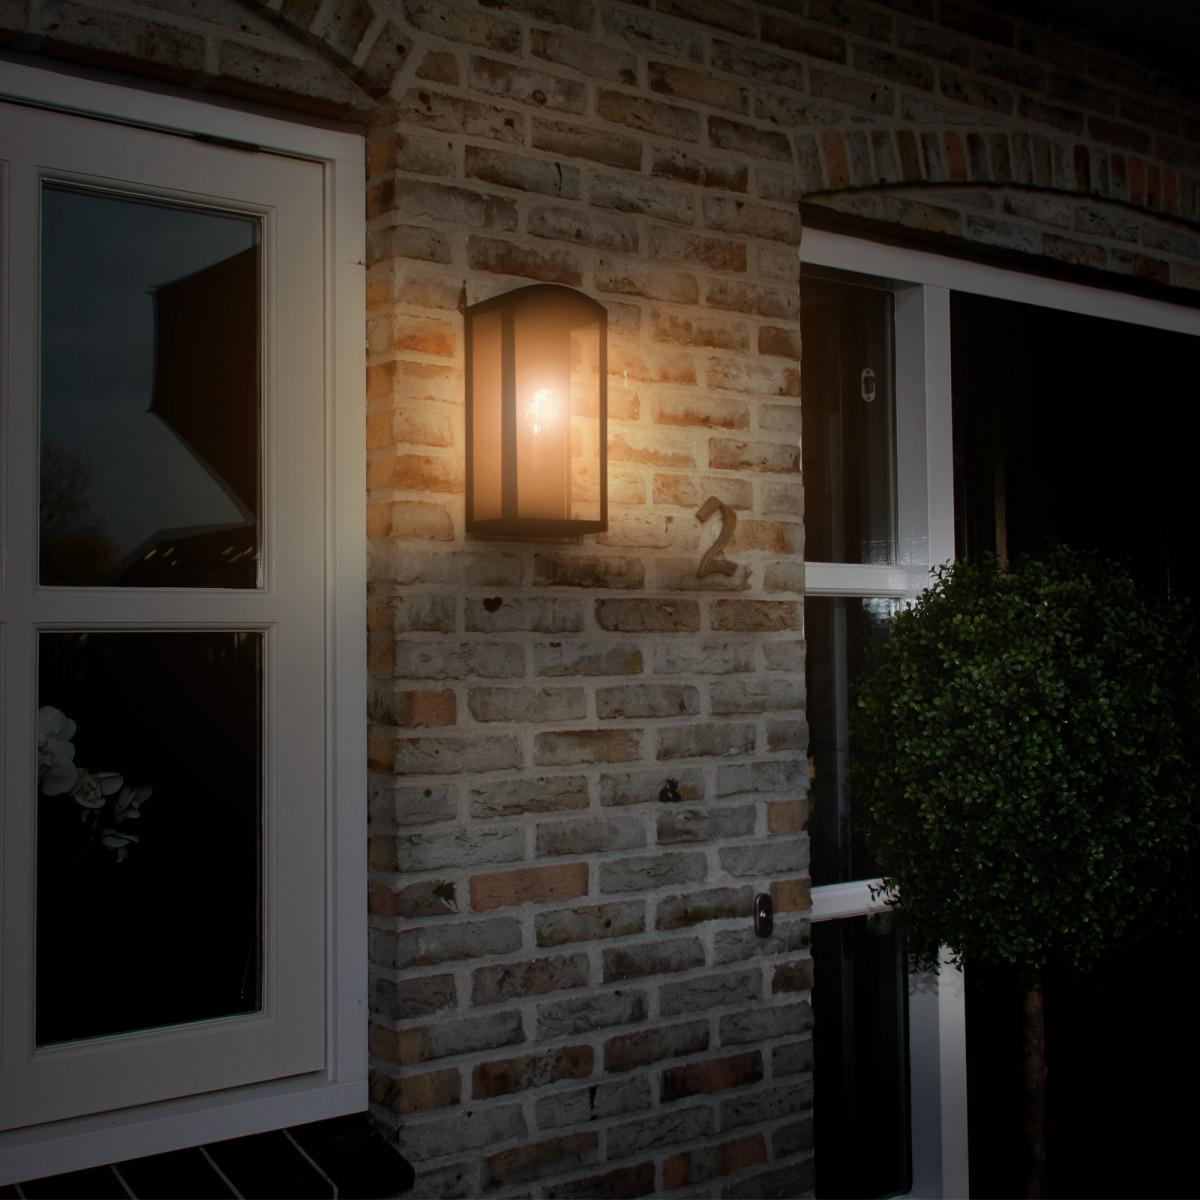 tijdloos design buitenlamp, stijlvol strak vormgeven wandlamp voor buiten, originele kwaliteitsverlichting, buitenlamp Como, chique exclusieve uitstraling, buitenverlichting van KS Verlichting